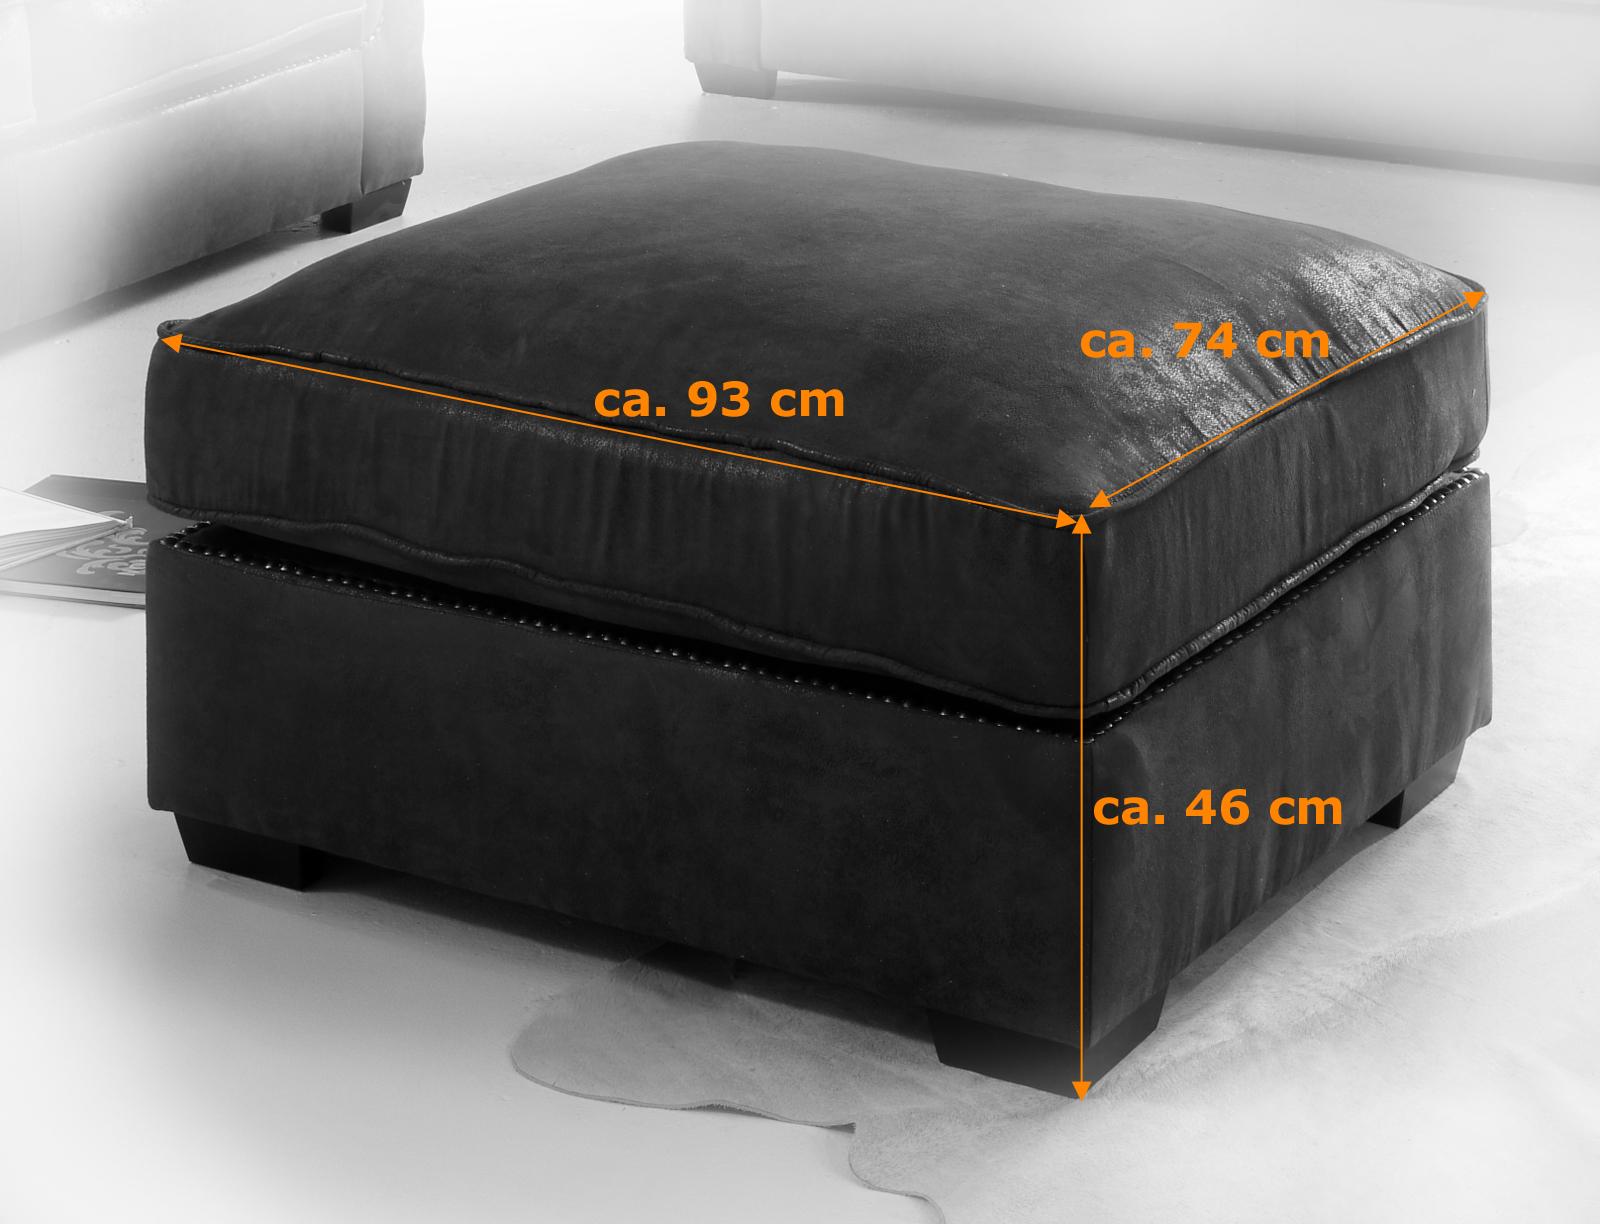 holzfliesen wohnzimmer preis ihr traumhaus ideen. Black Bedroom Furniture Sets. Home Design Ideas